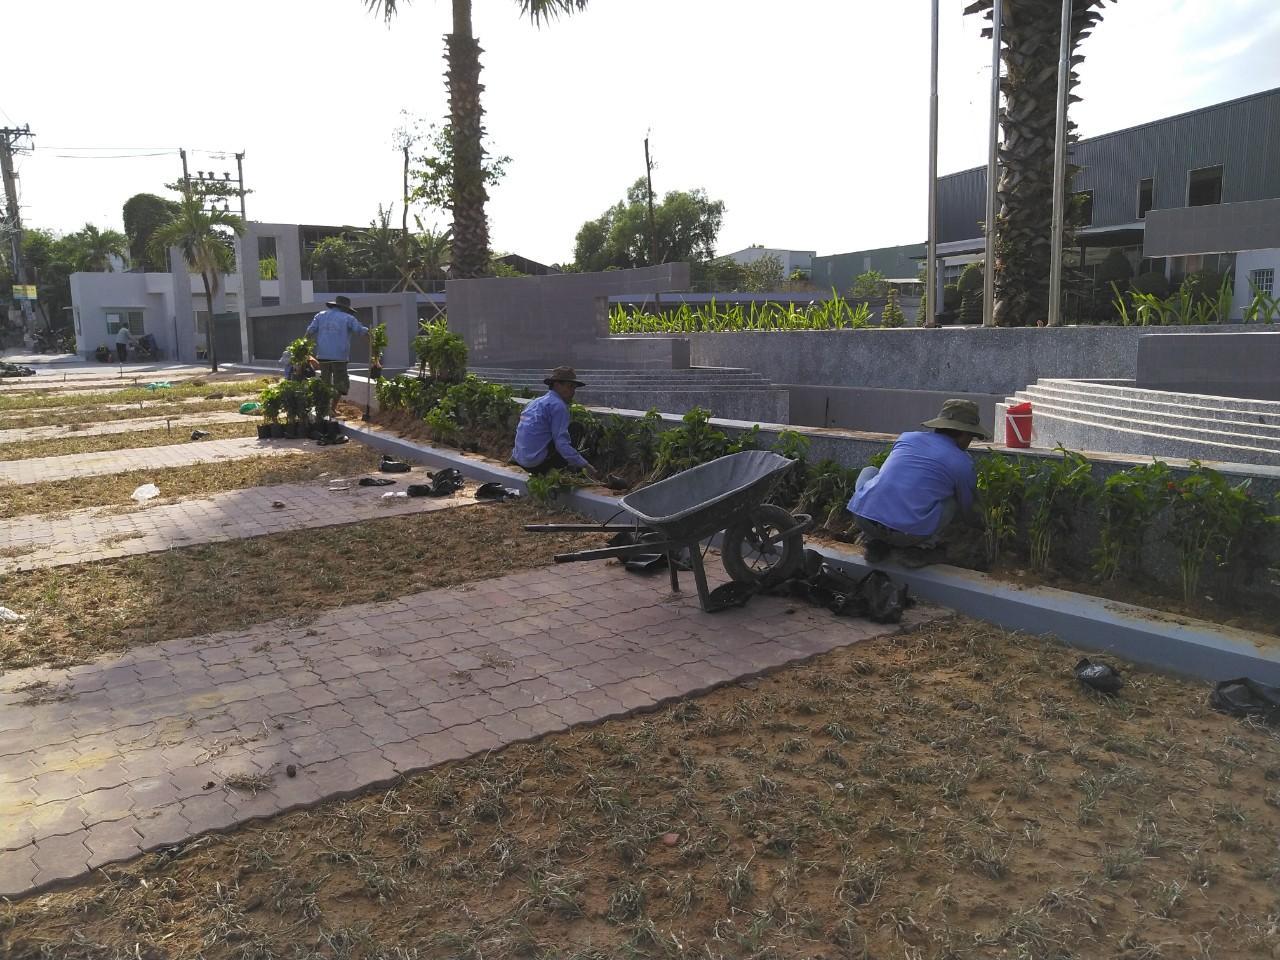 Thuê dịch vụ trồng cỏ cây xanh tại KCN Bình An uy tín